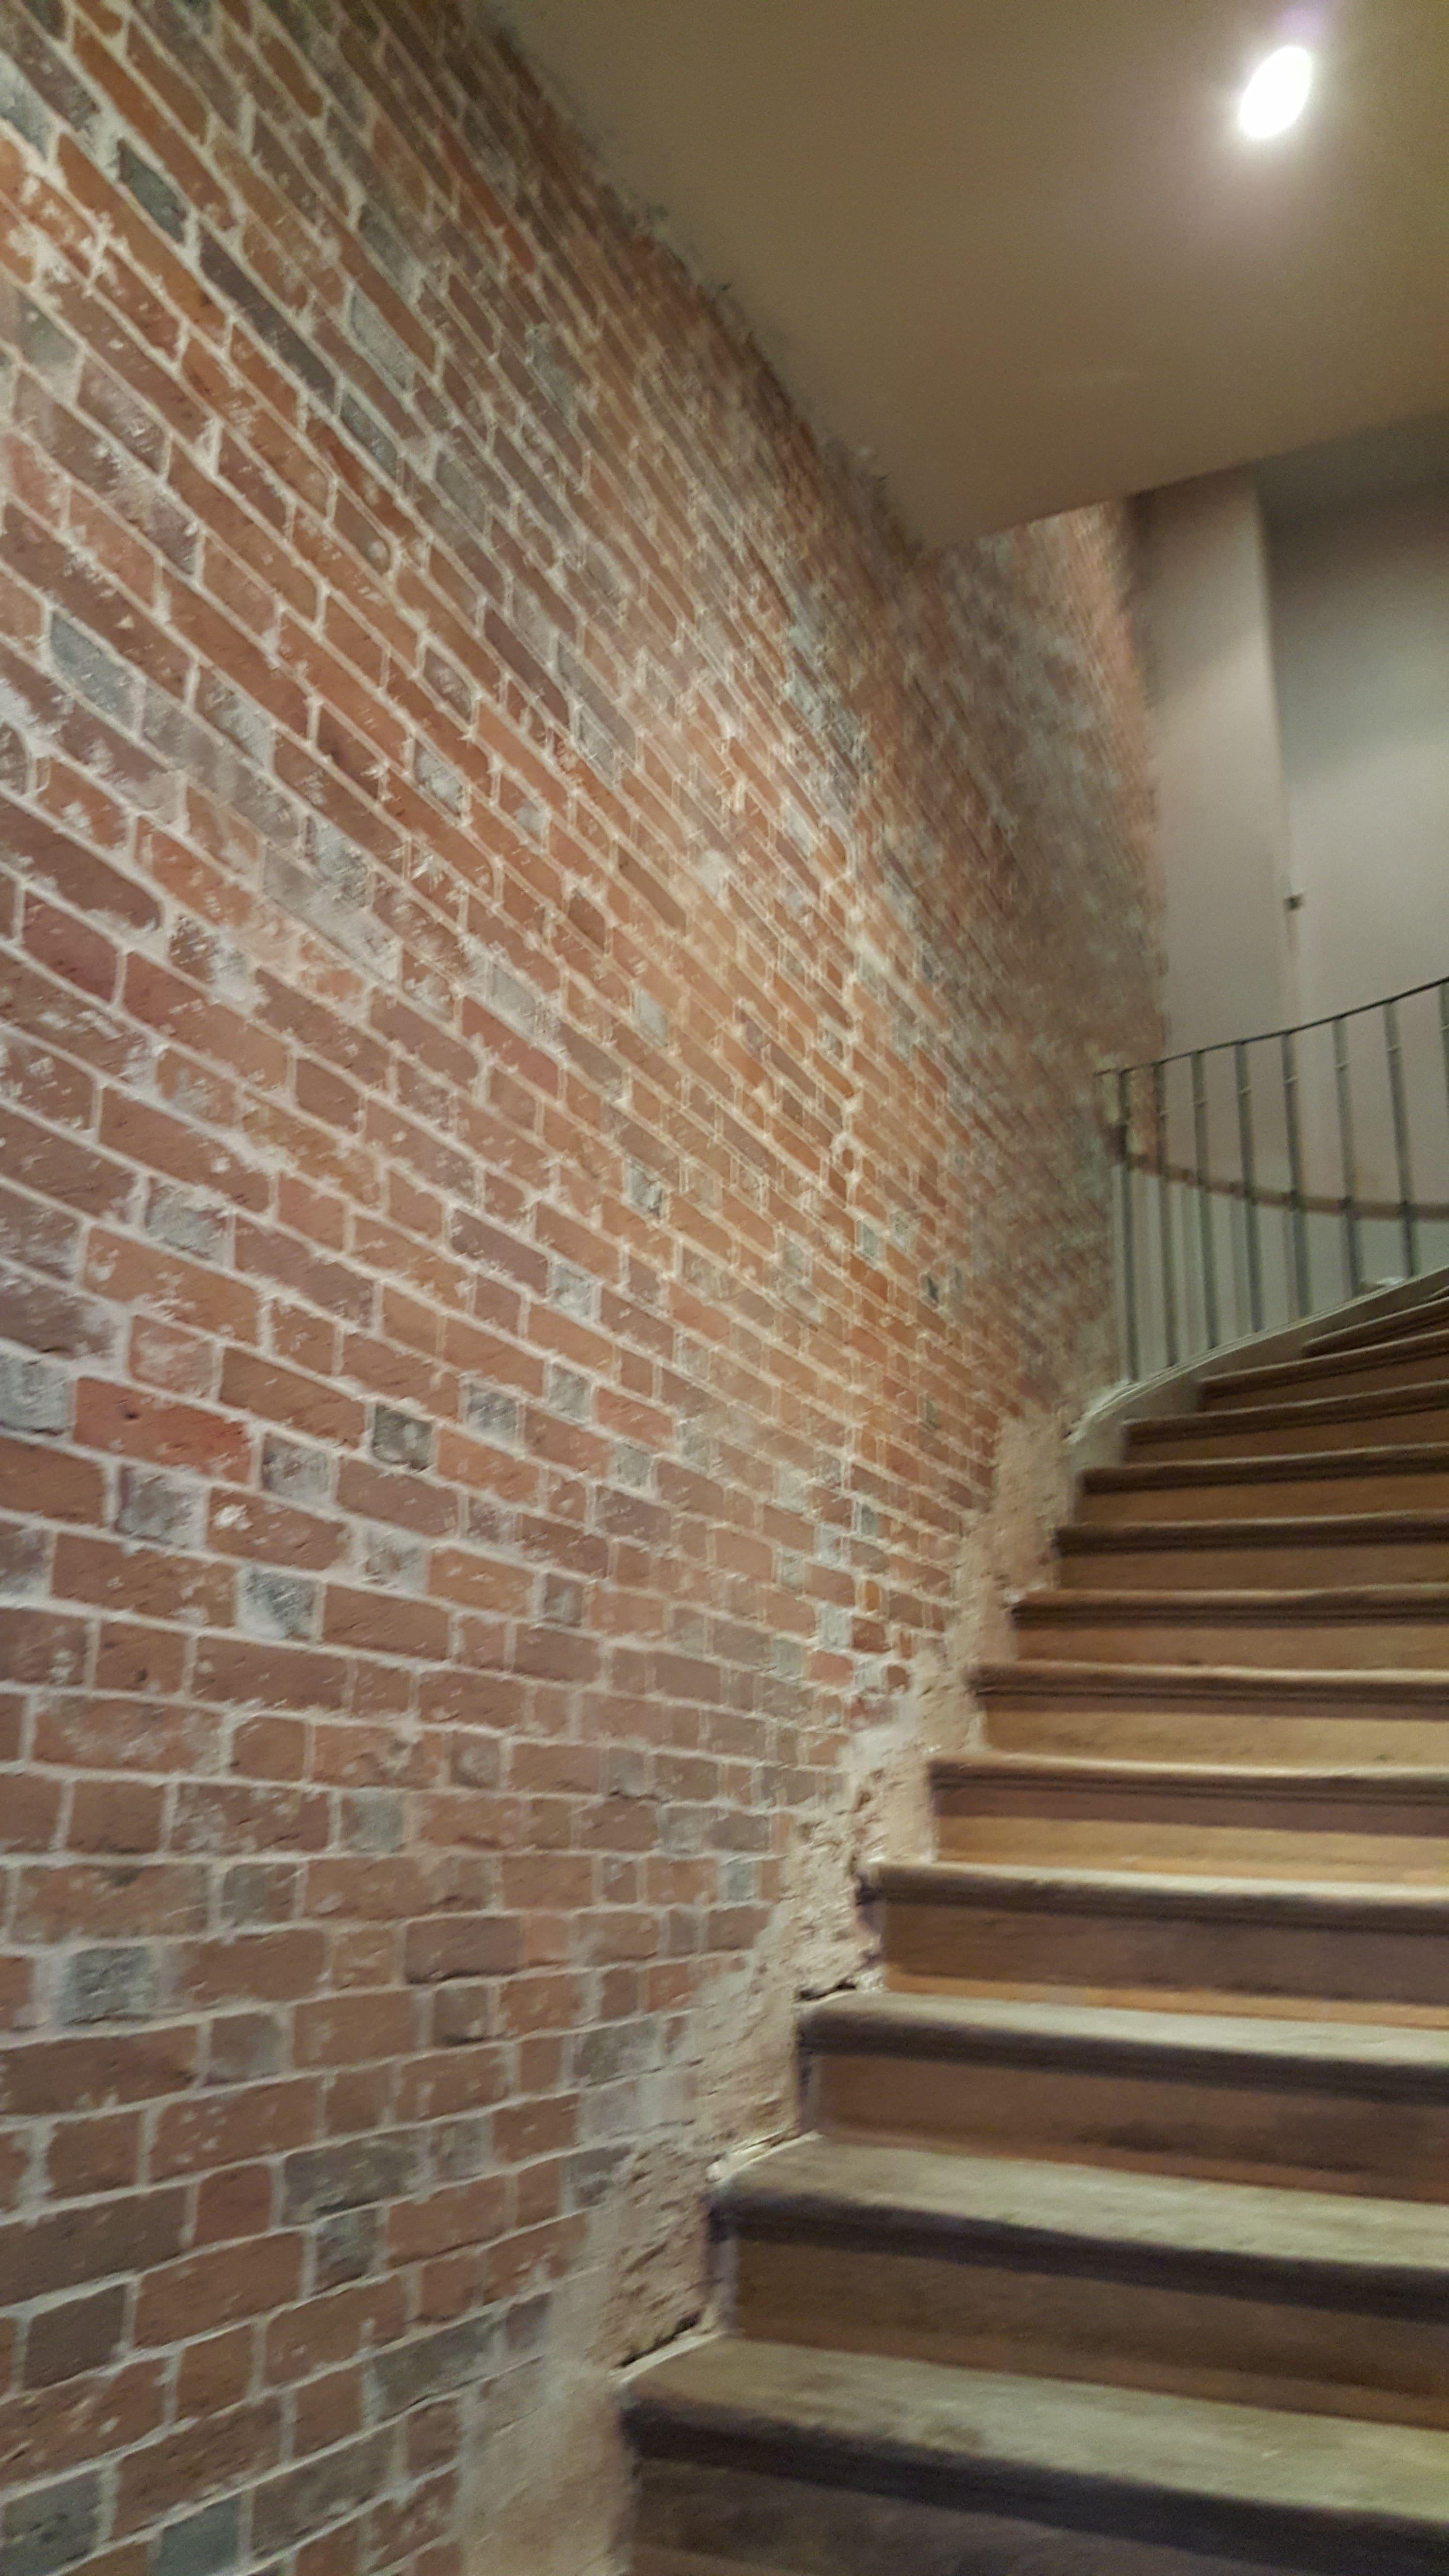 travaux-de-renovation-mur-de-brique-9-nettoyage-detachage-et-retapage-des-joints-societe-texas-batiment-min